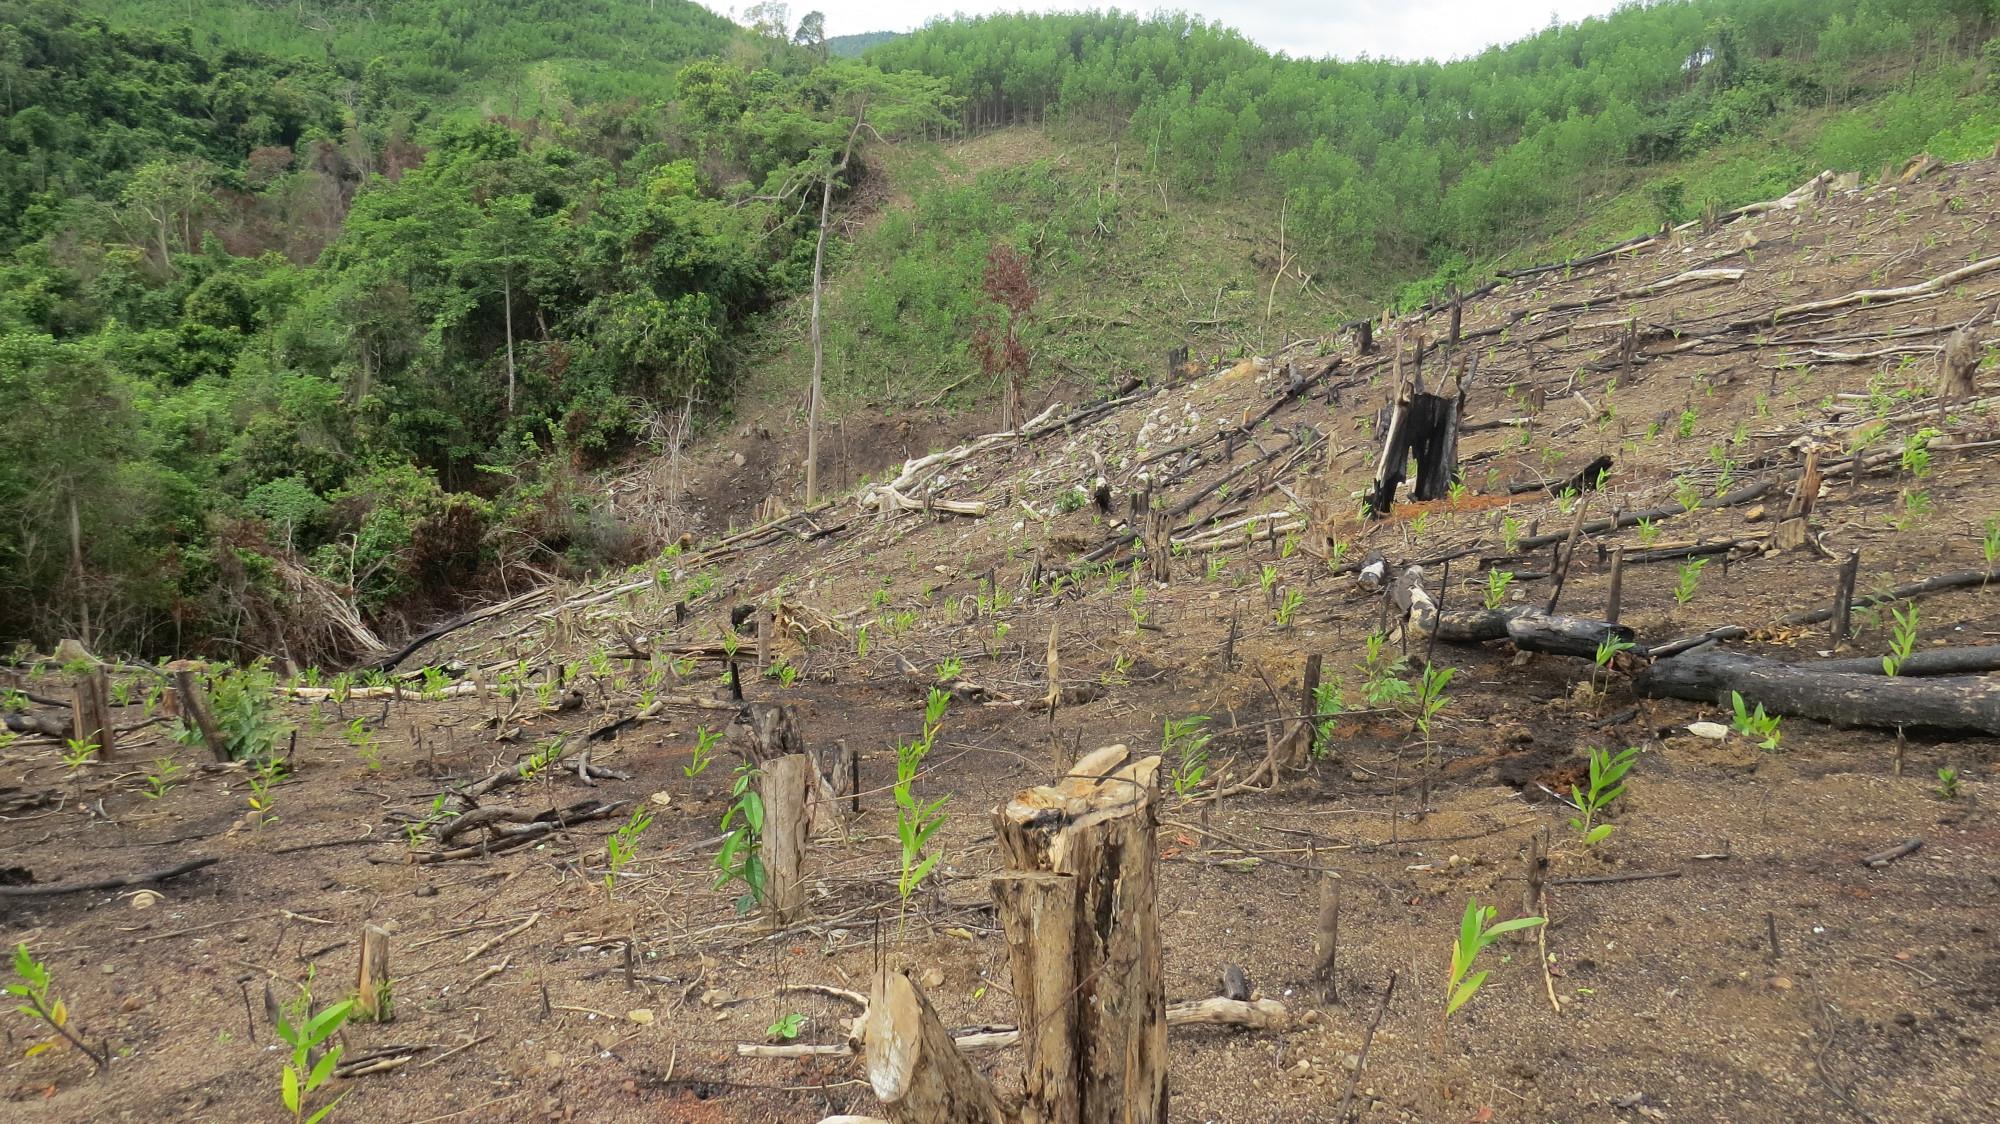 Rừng khu vực suối Quanh, thôn Tân Hội, xã Sơn Hội, huyện Sơn Hòa bị chặt hạ trồng keo